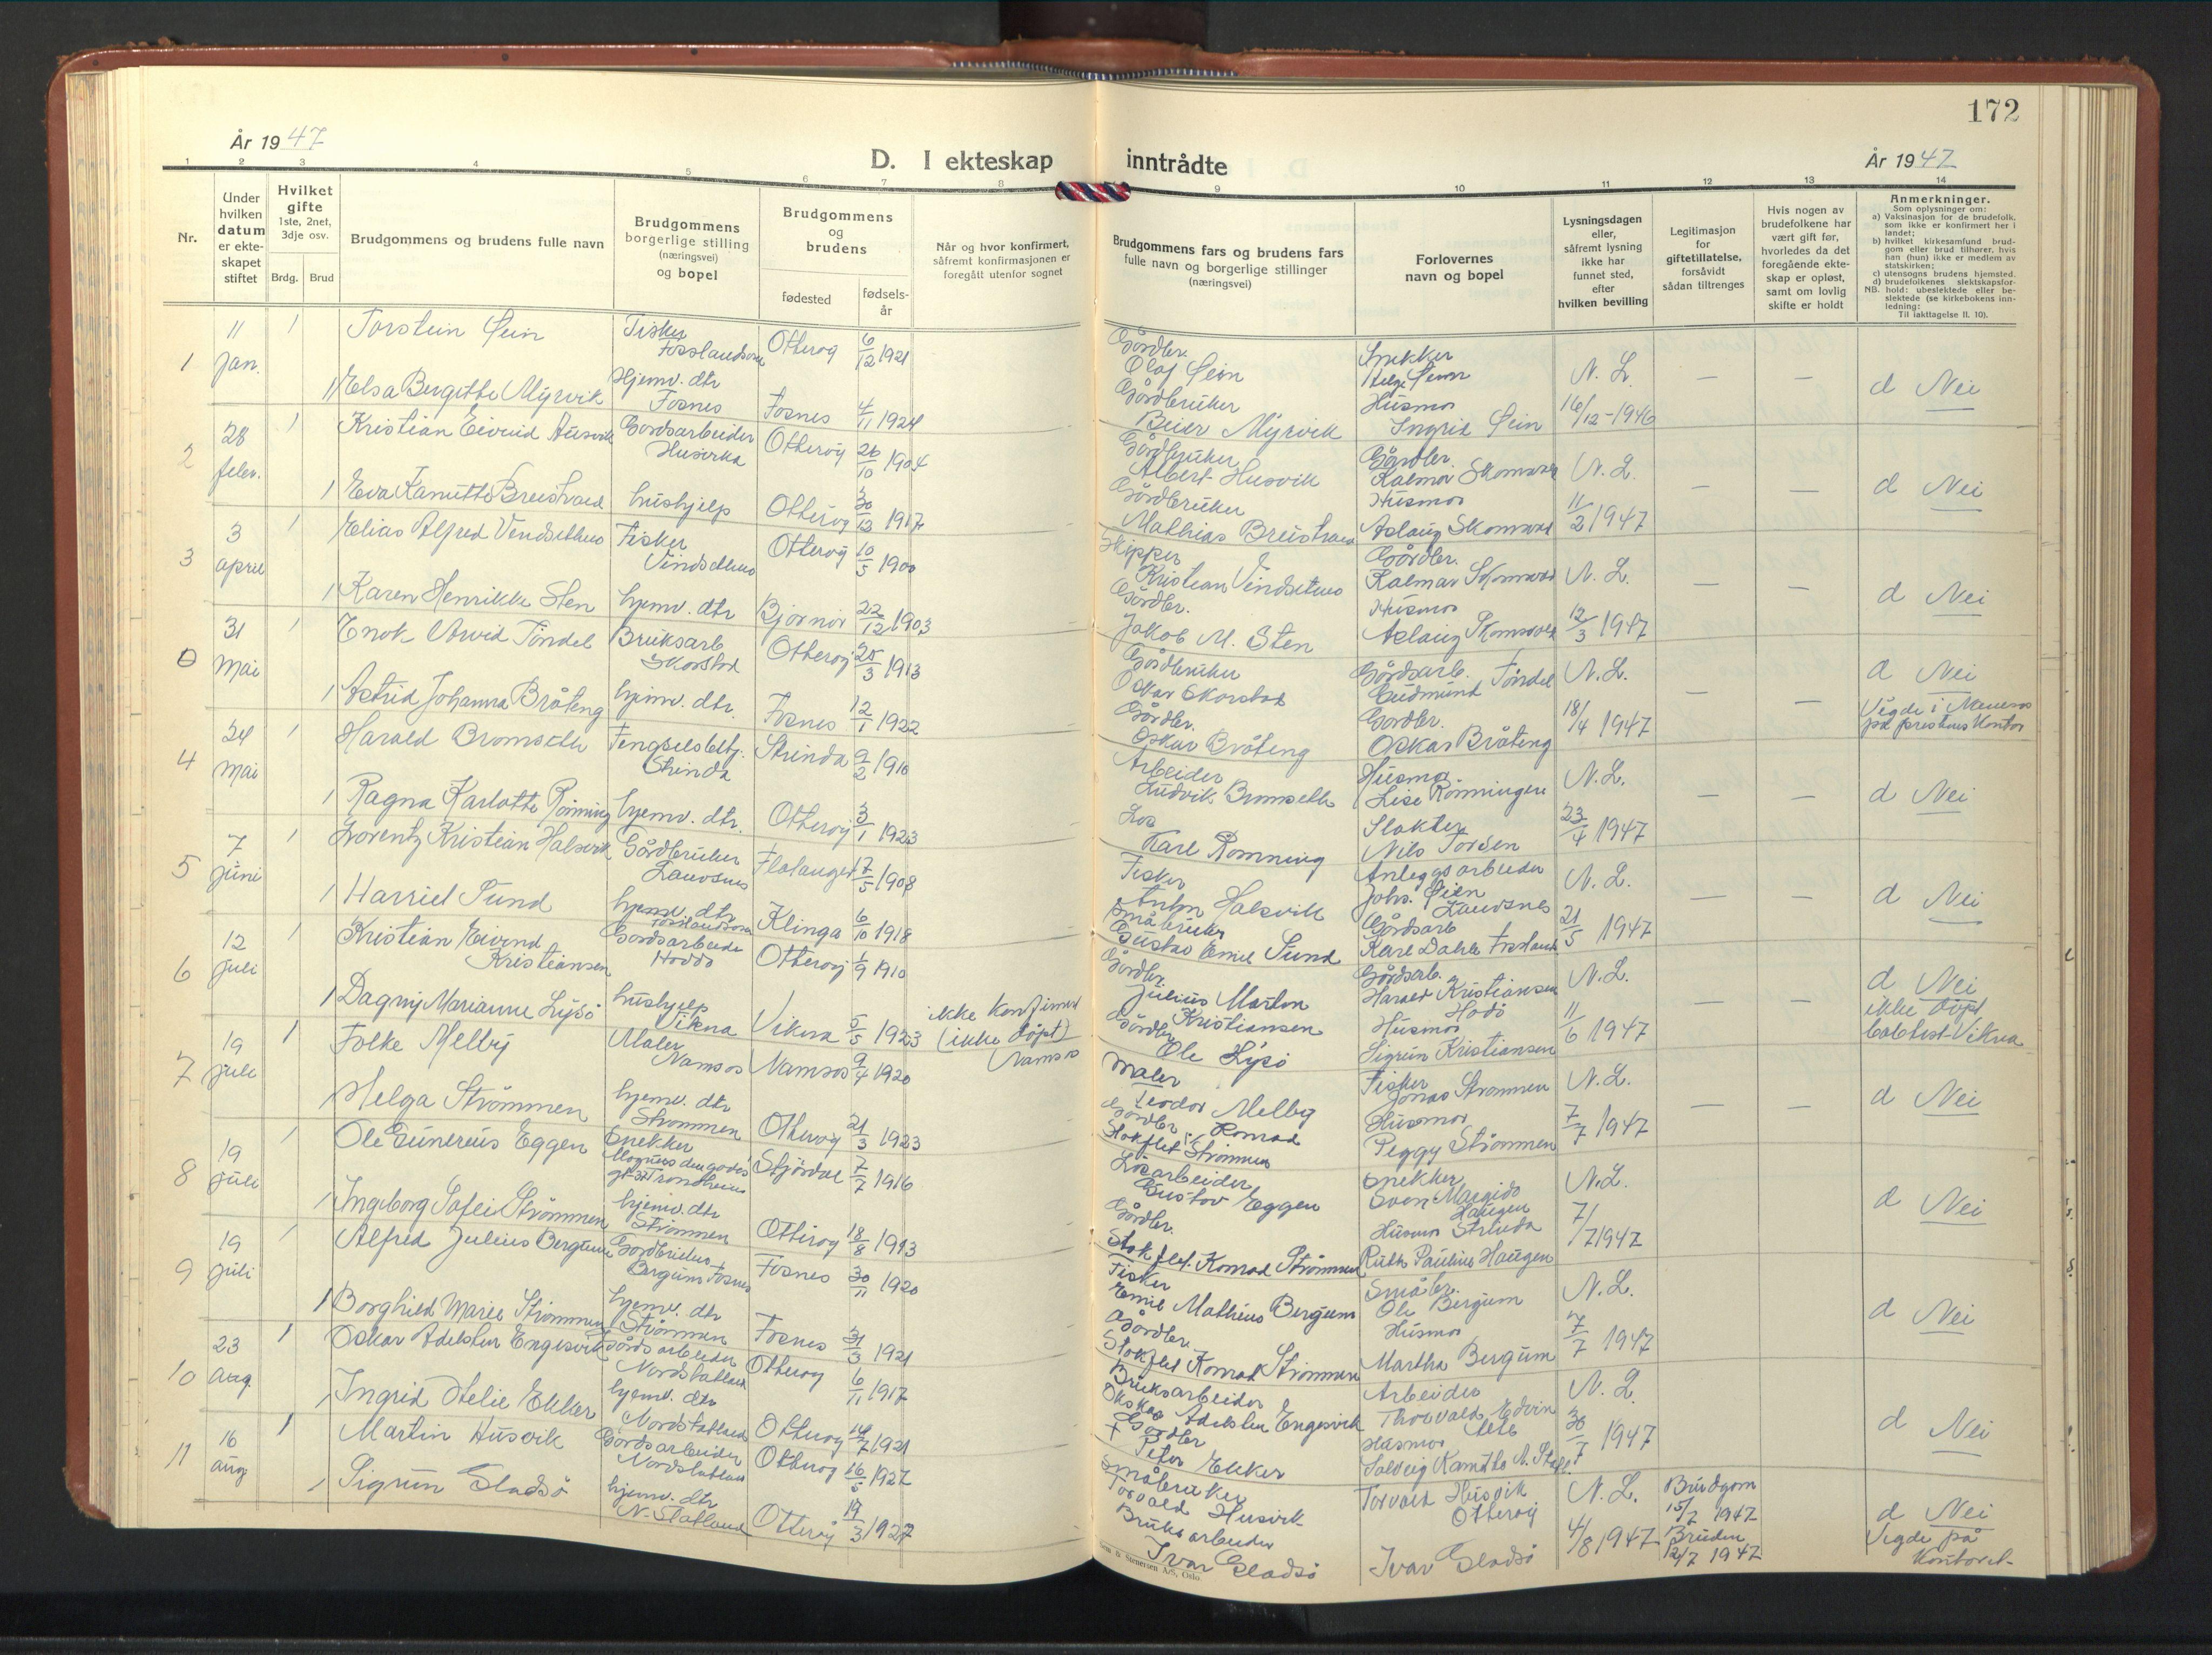 SAT, Ministerialprotokoller, klokkerbøker og fødselsregistre - Nord-Trøndelag, 774/L0631: Klokkerbok nr. 774C02, 1934-1950, s. 172